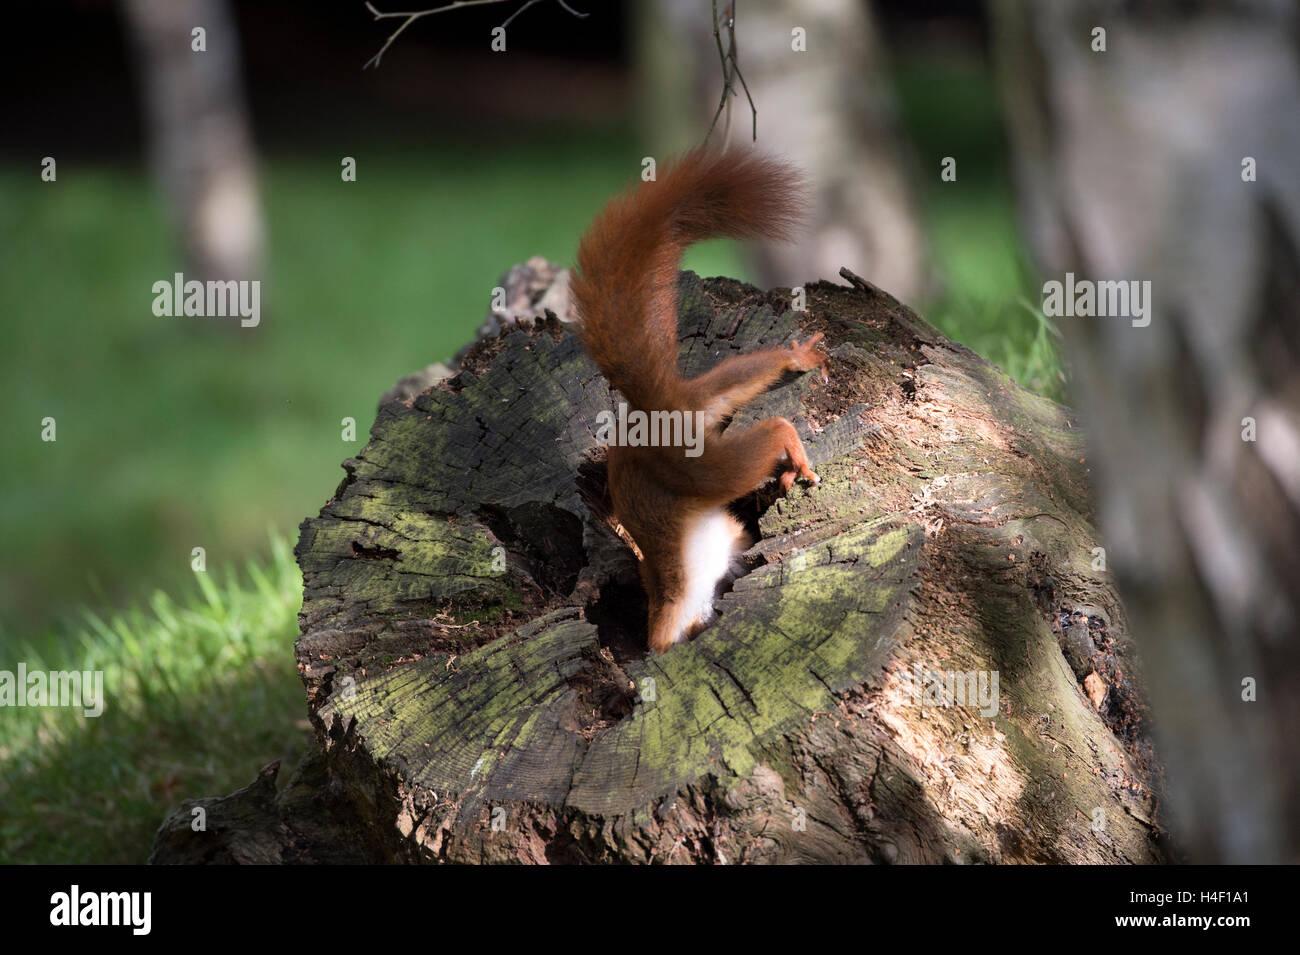 Eurasian red squirrel (Sciurus vulgaris) at the British Wildlife Centre, England, Great Britain, UK - Stock Image